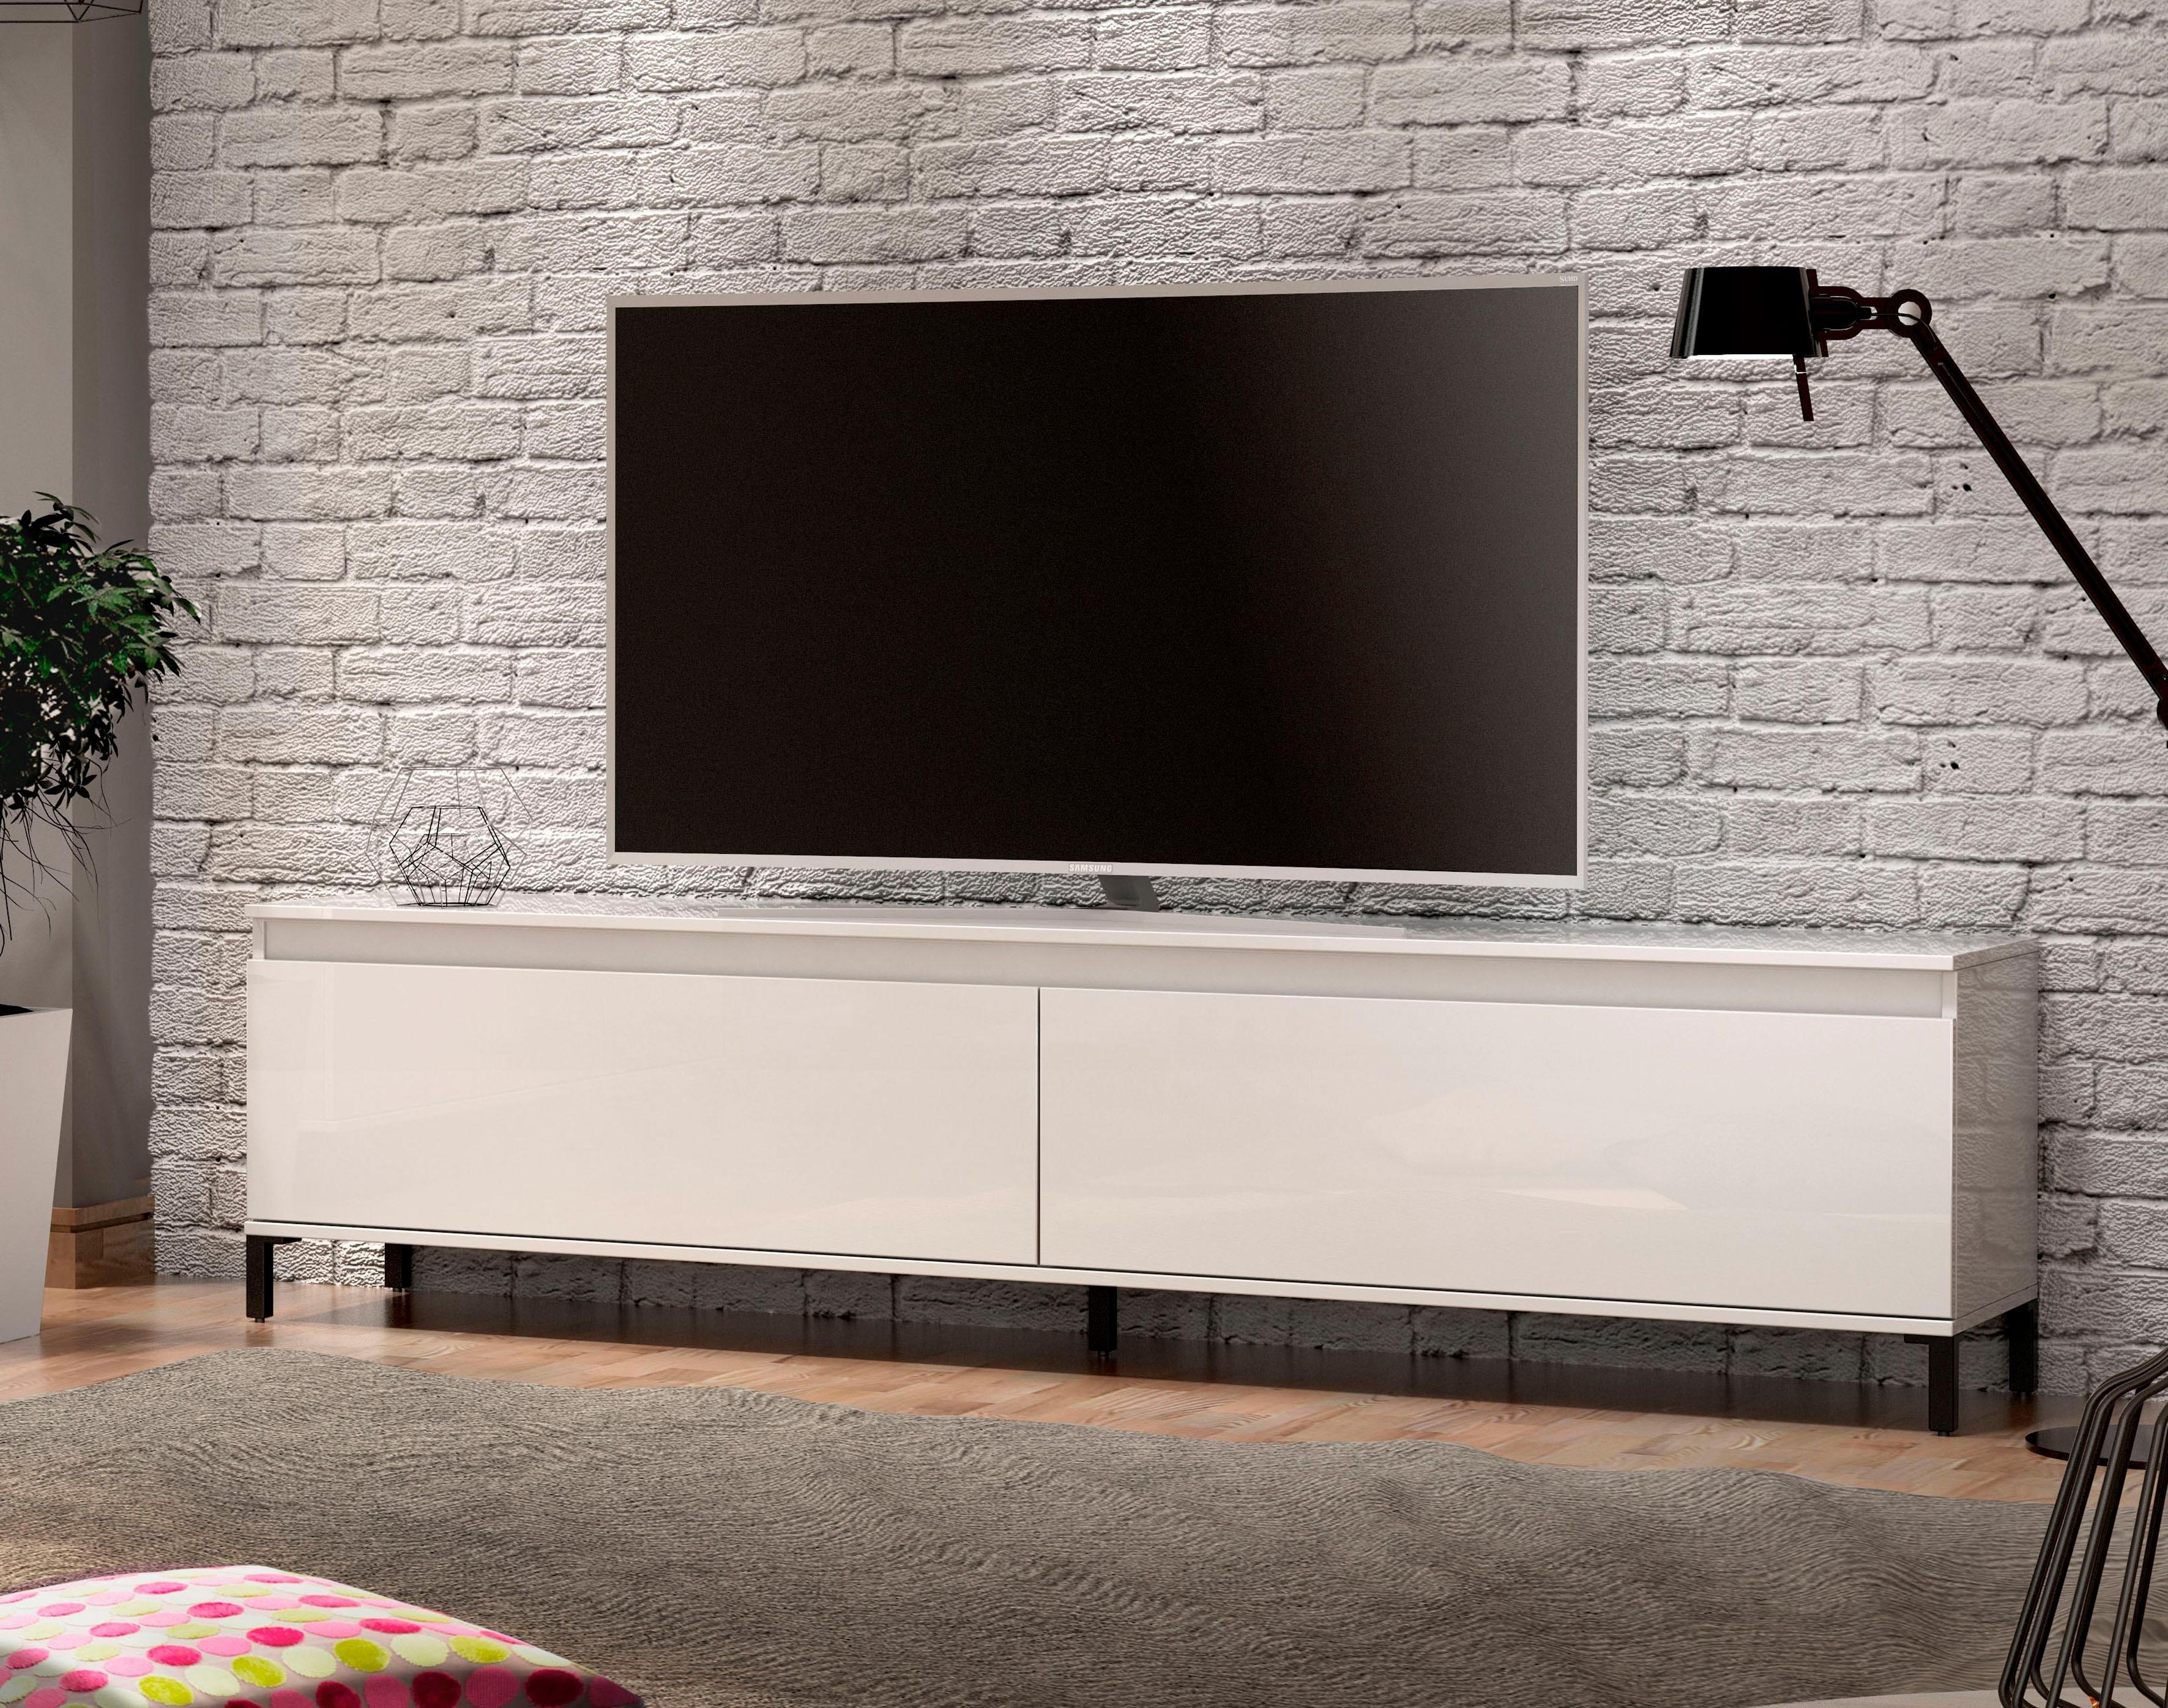 Kitaly tv-meubel »Genio« bestellen: 30 dagen bedenktijd